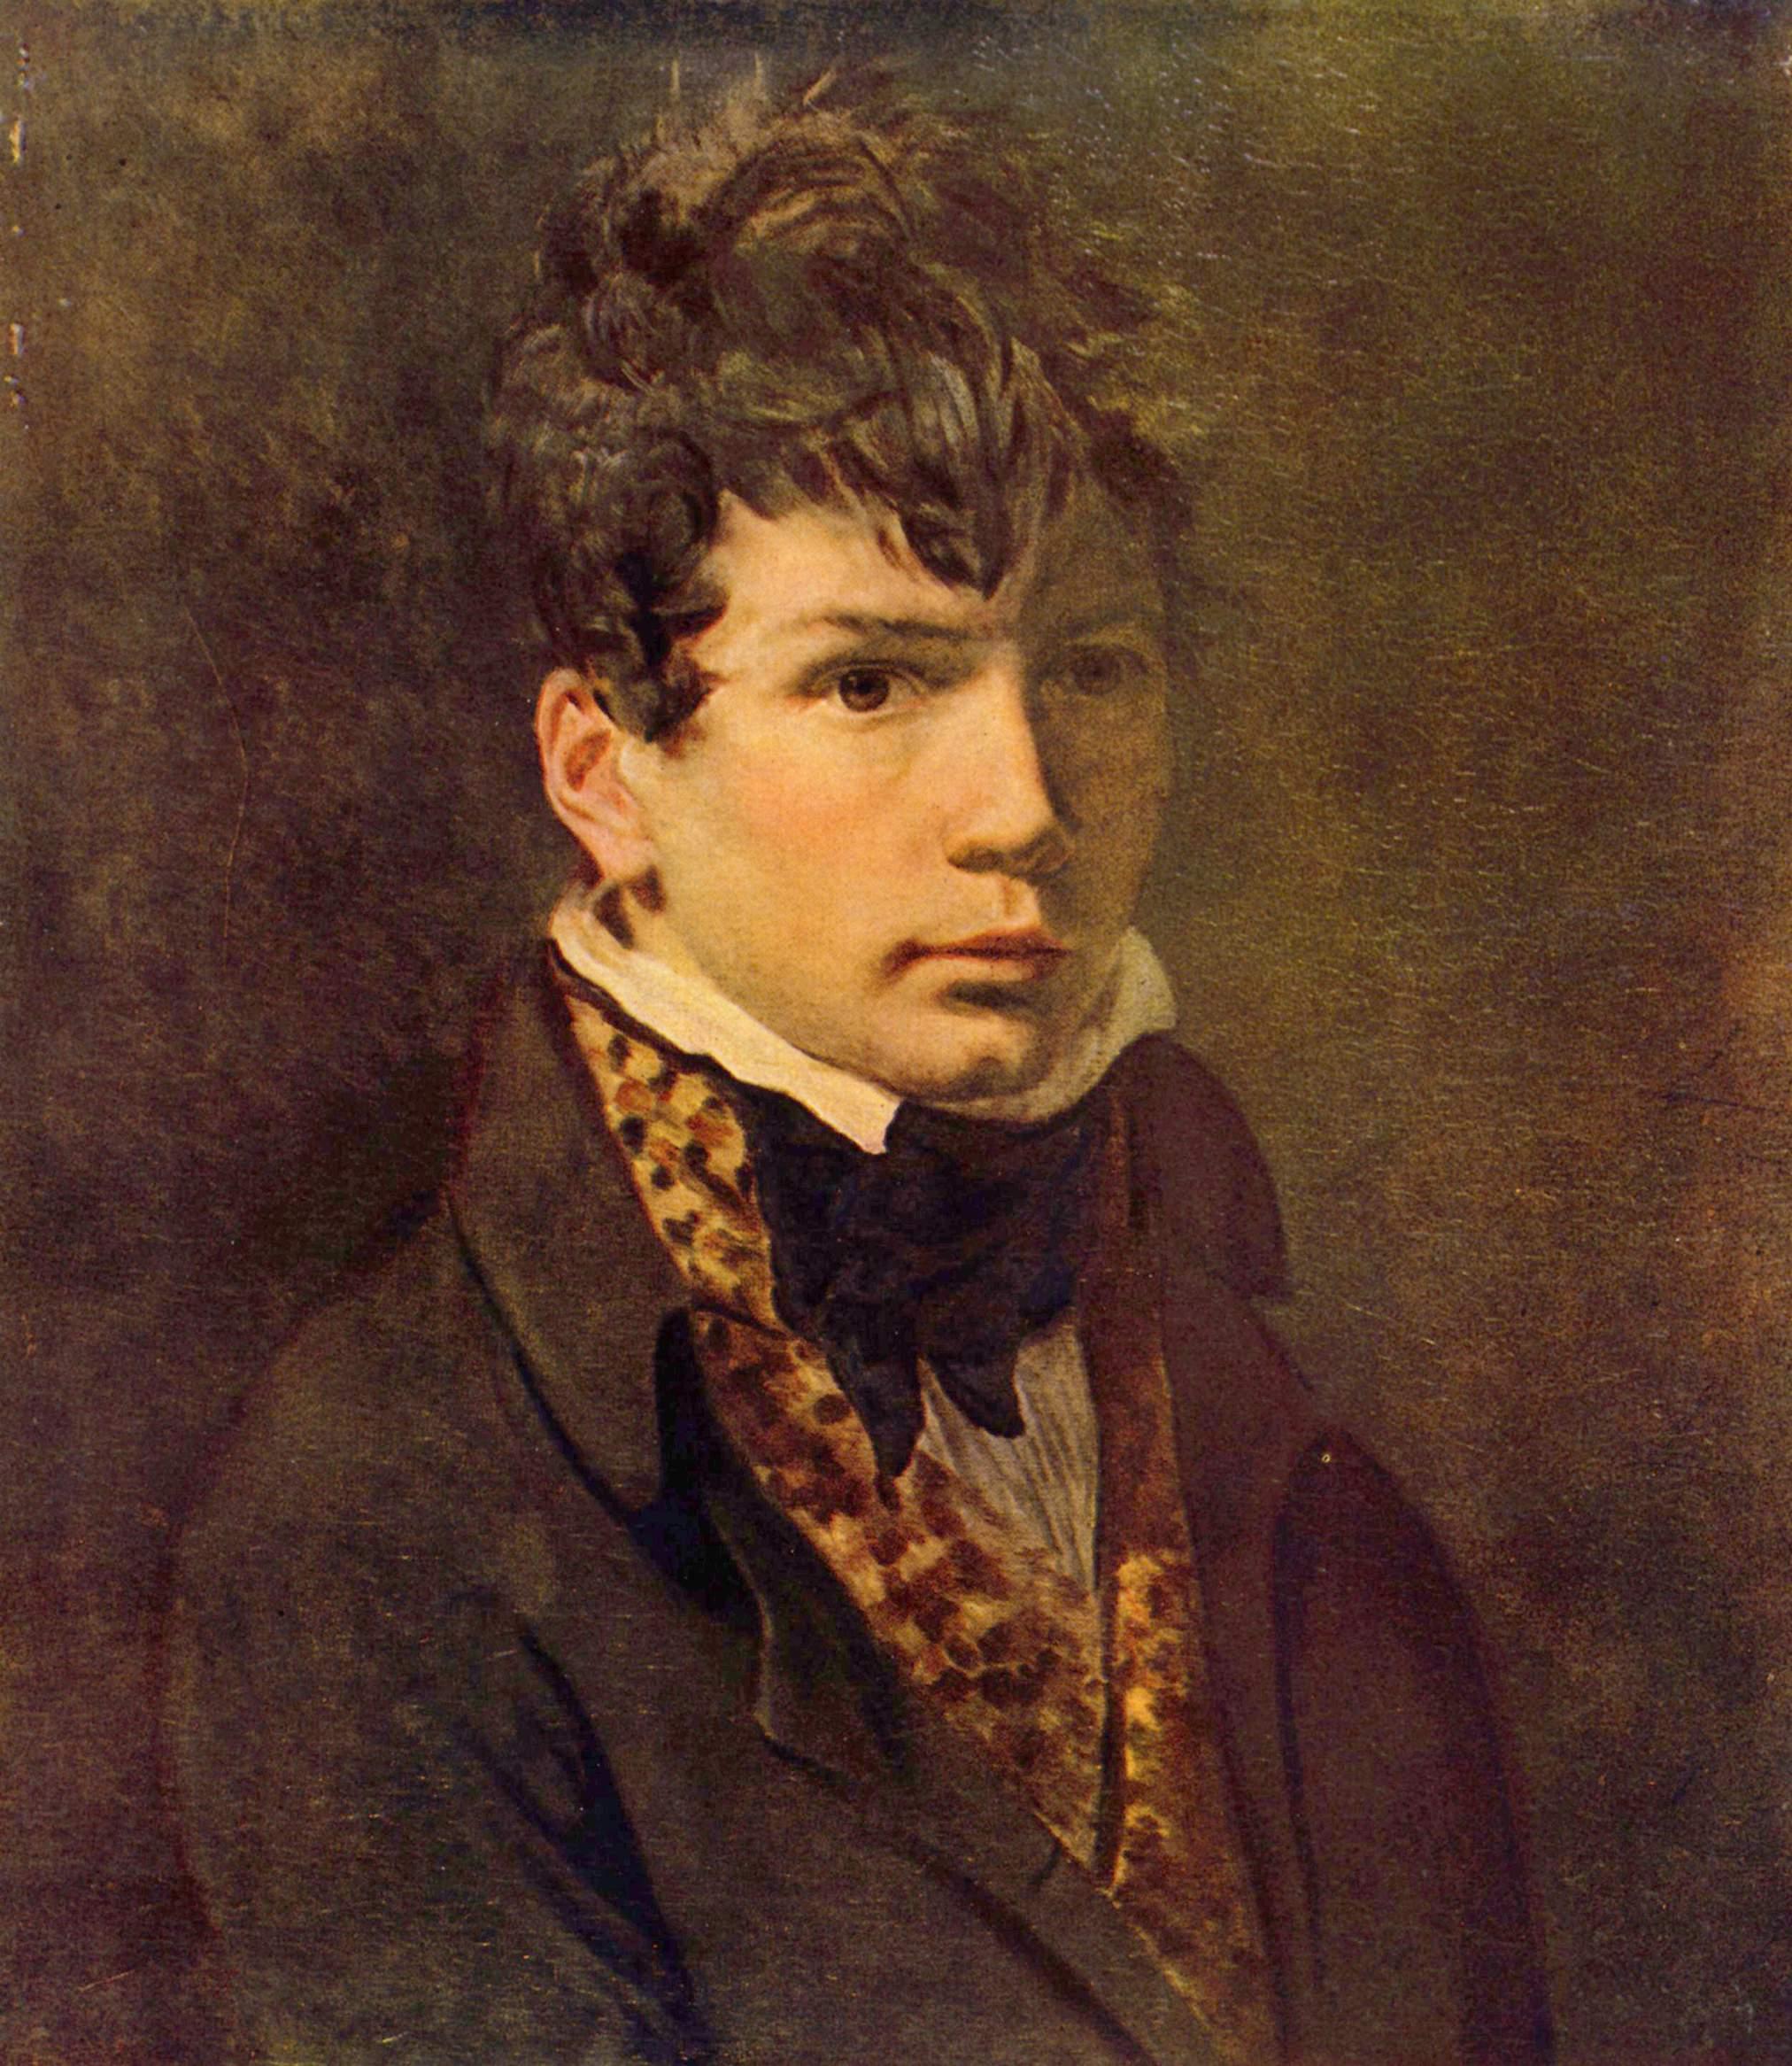 Портрет художника Энгра, Жак - Луи Давид